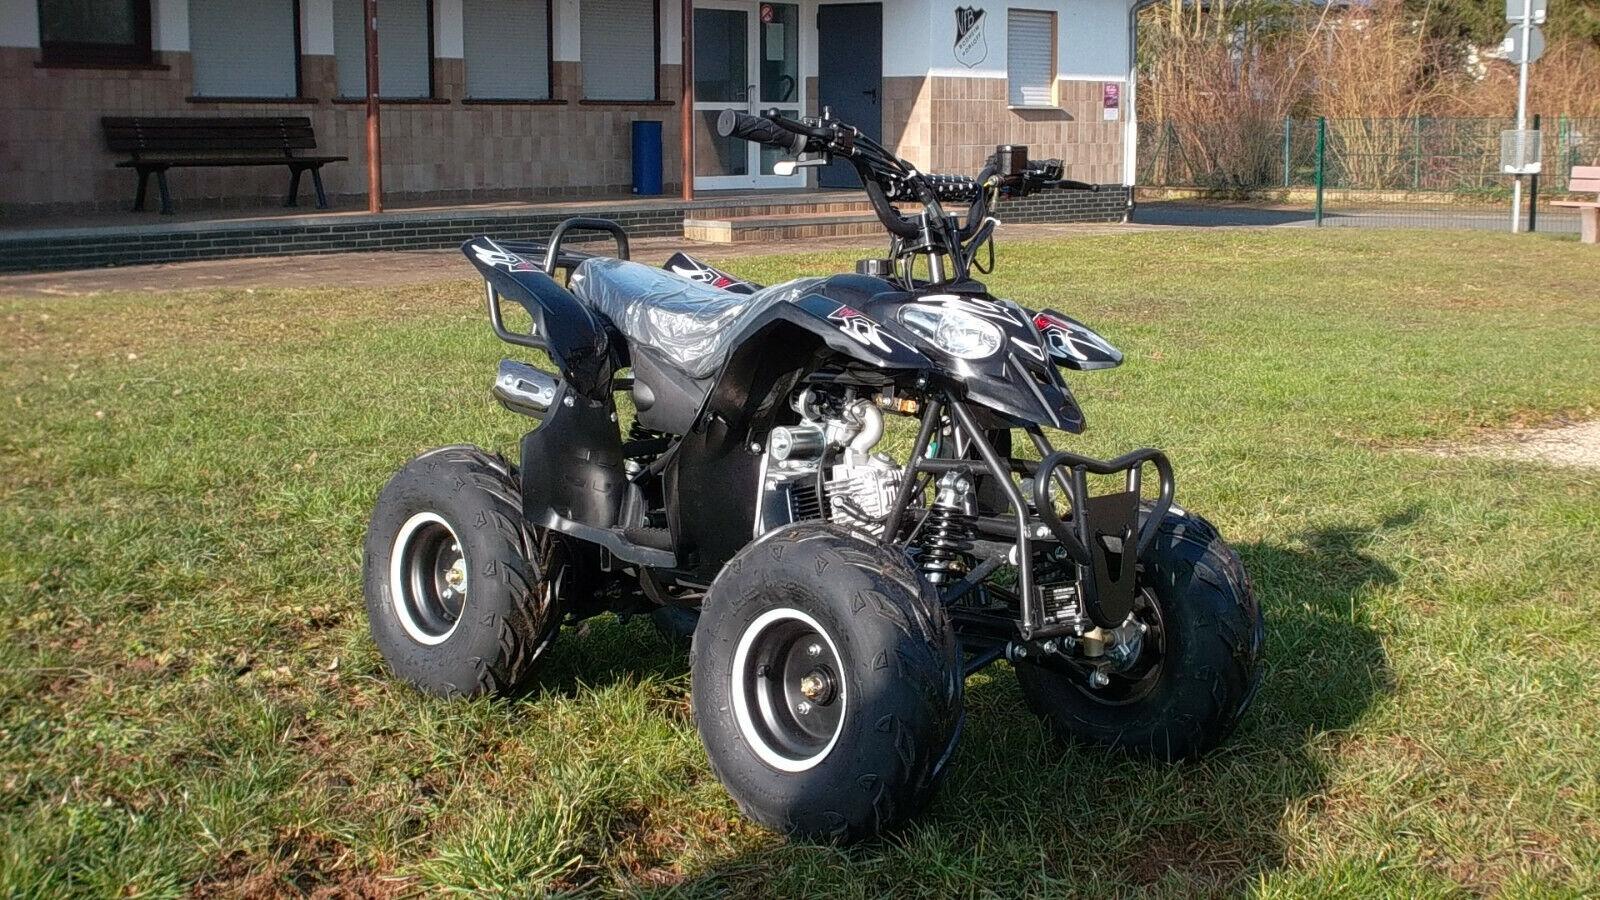 125 ccm Jugend Quad 7 Zoll, ATV pocketFahrrad dirt Fahrrad 4 Takt mit E-Starter, Neu